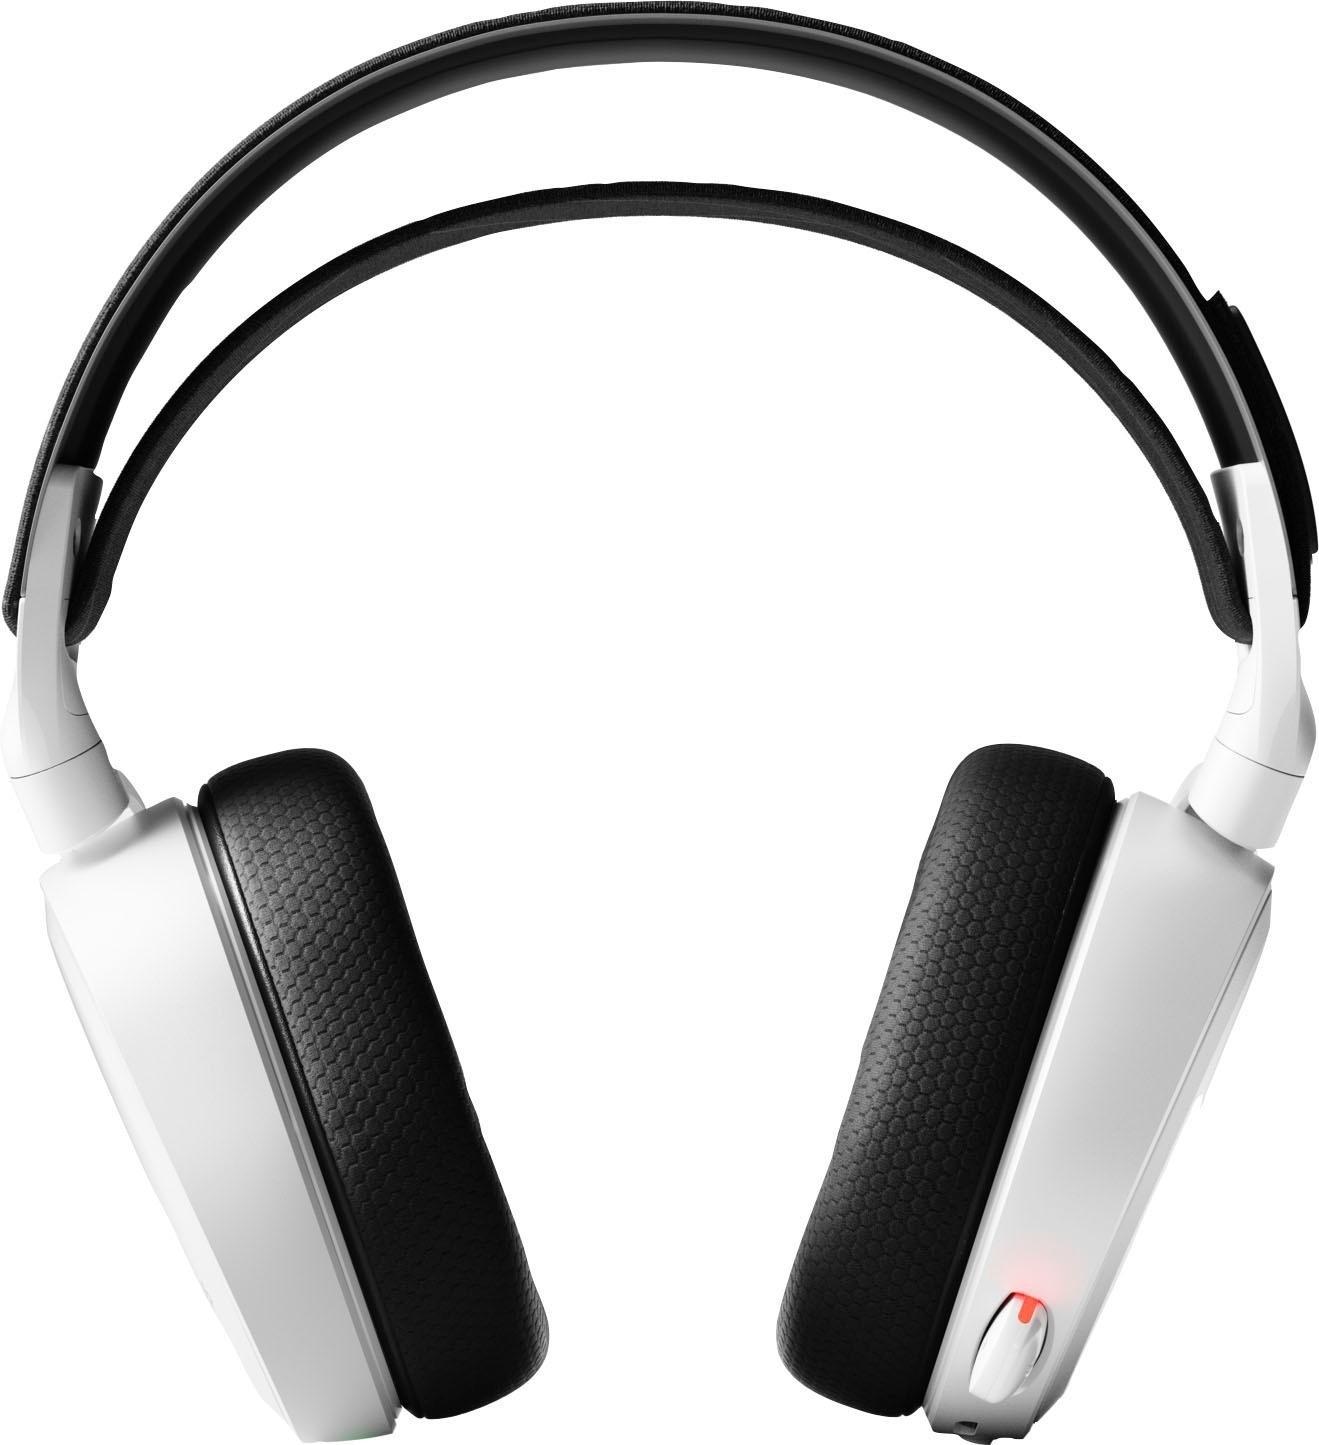 Steelseries »Arctis 7 (2019 Edition) Wireless« gaming-headset (wifi, ruisonderdrukking) voordelig en veilig online kopen